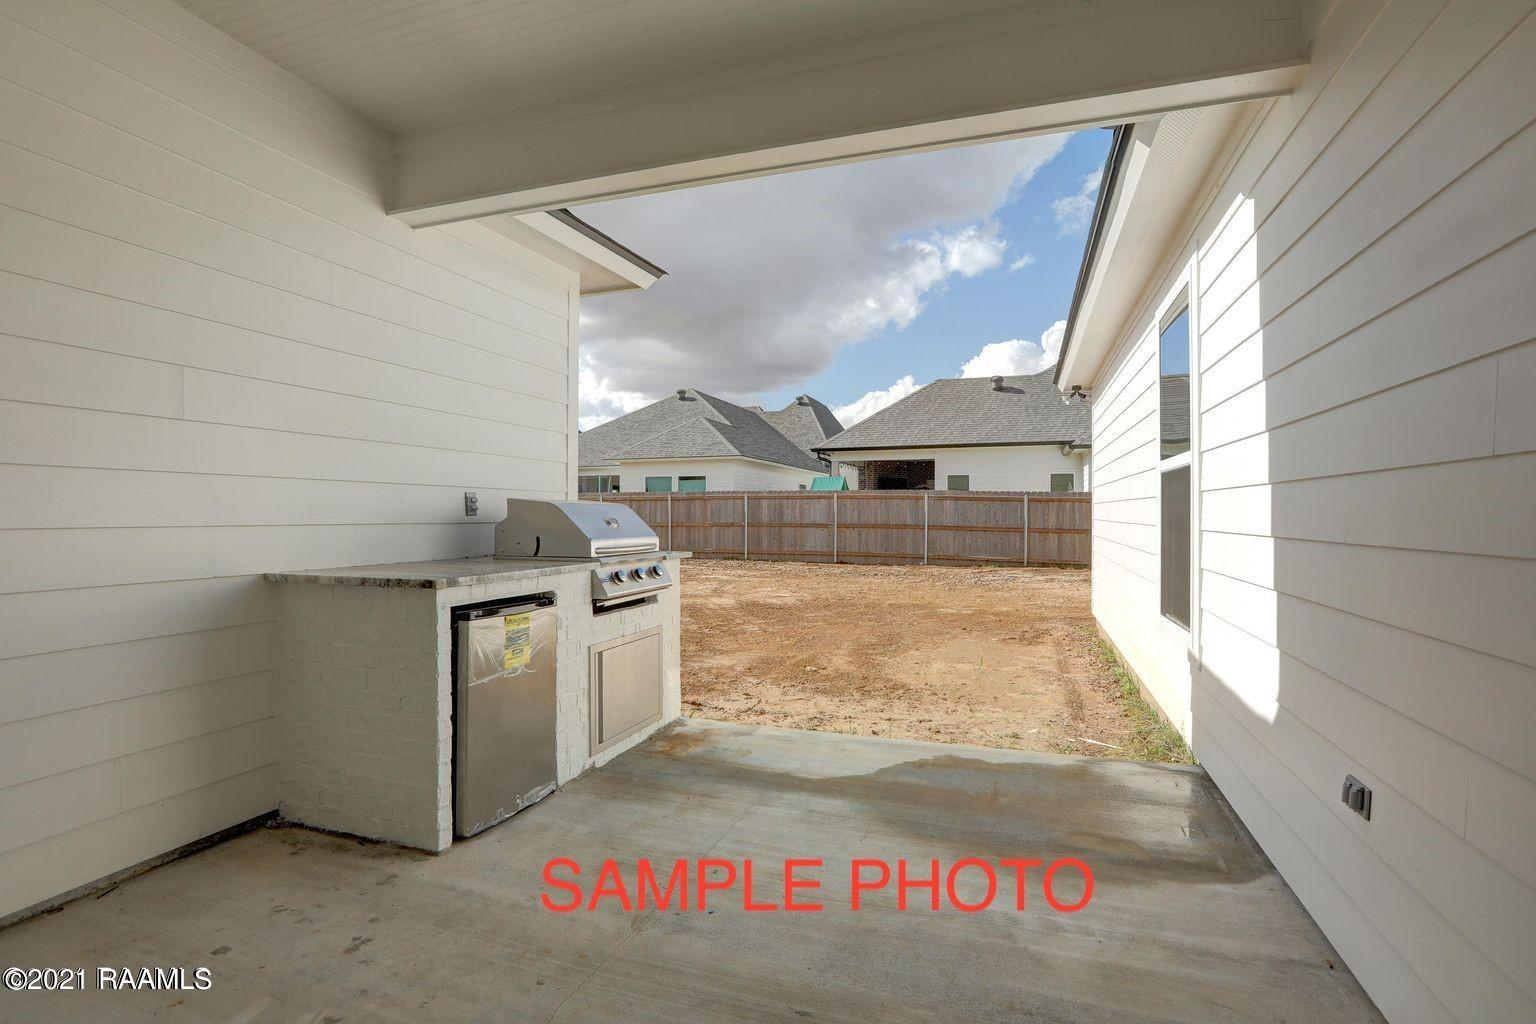 130 San Sebastian Drive, Youngsville, LA 70592 Photo #7